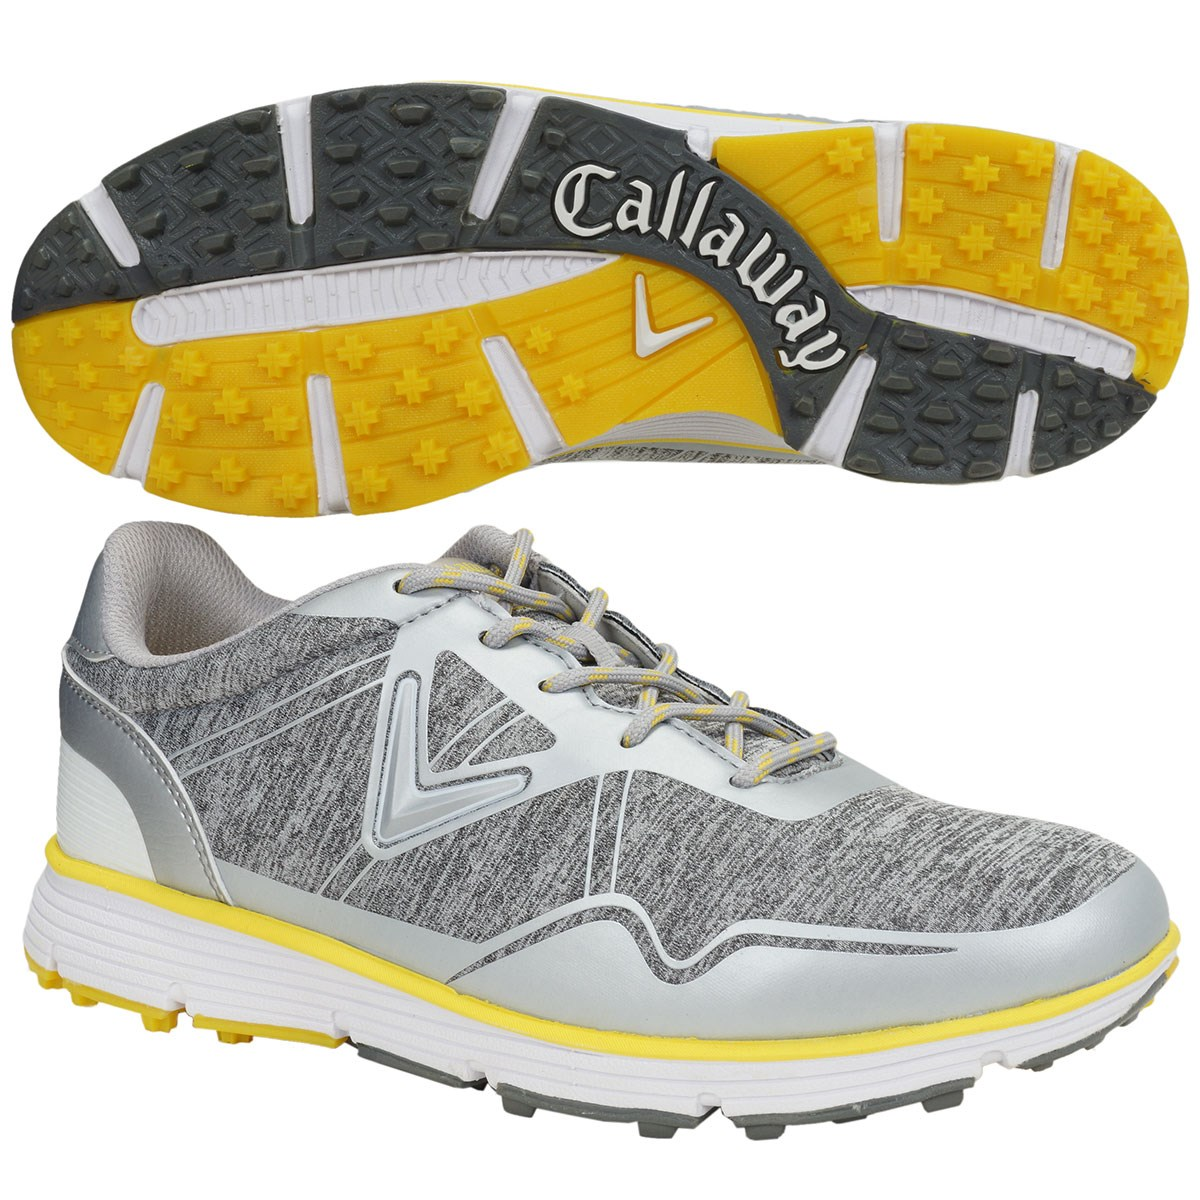 キャロウェイゴルフ(Callaway Golf) SOLAIRE MN18 ゴルフシューズ